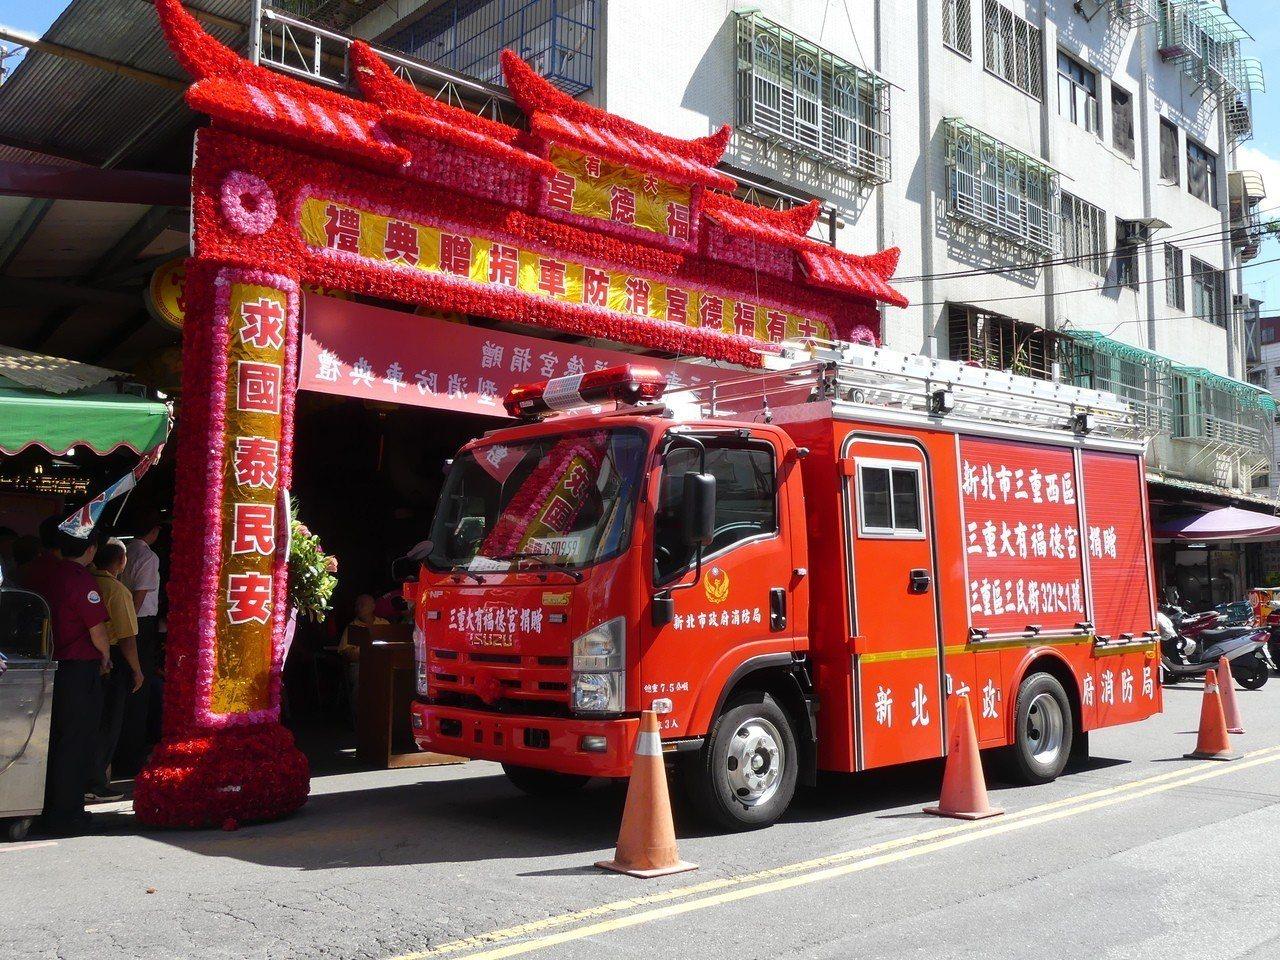 三重區三民街「大有福德宮」今天捐贈1輛水箱車給新北市消防局。記者林昭彰/攝影